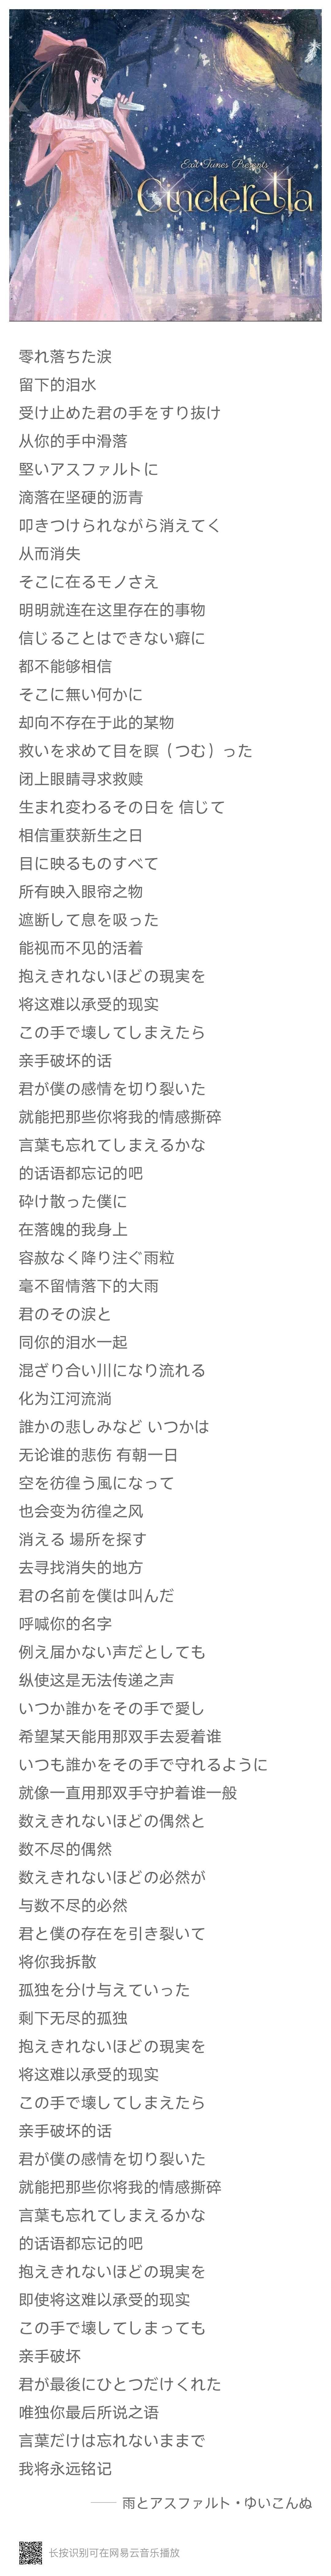 【音乐】雨とアスファルト